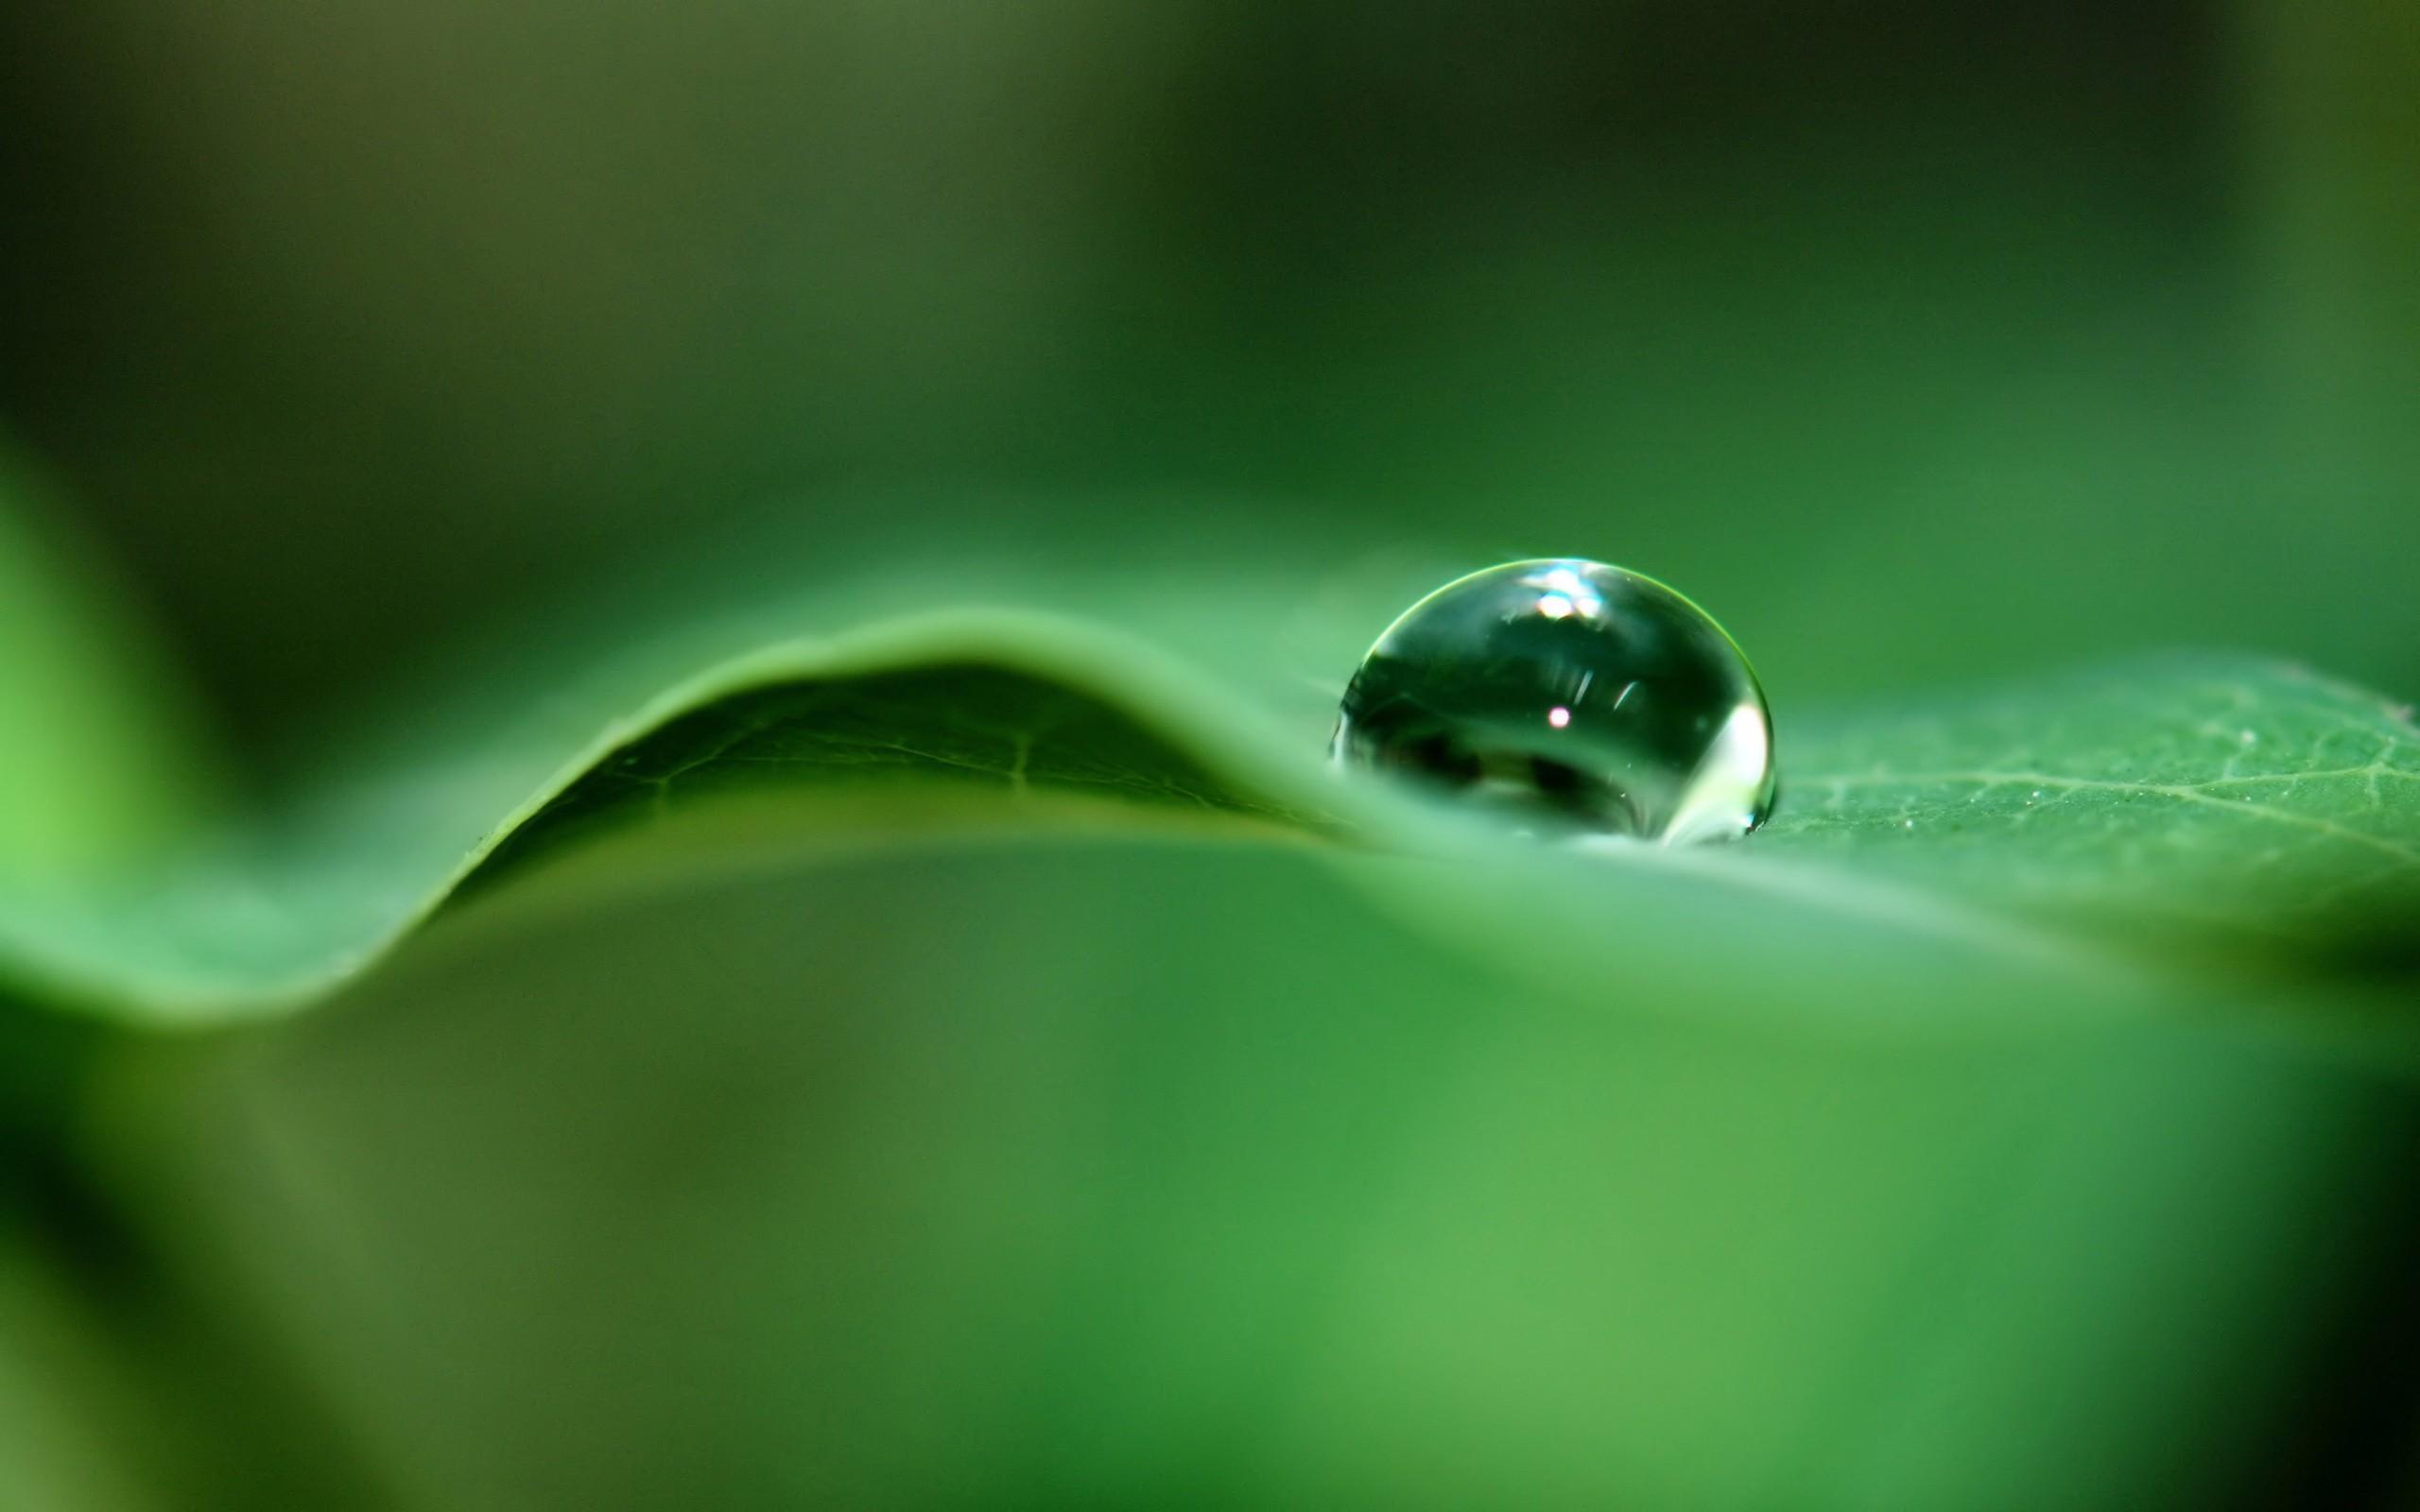 природа листья капли вода загрузить